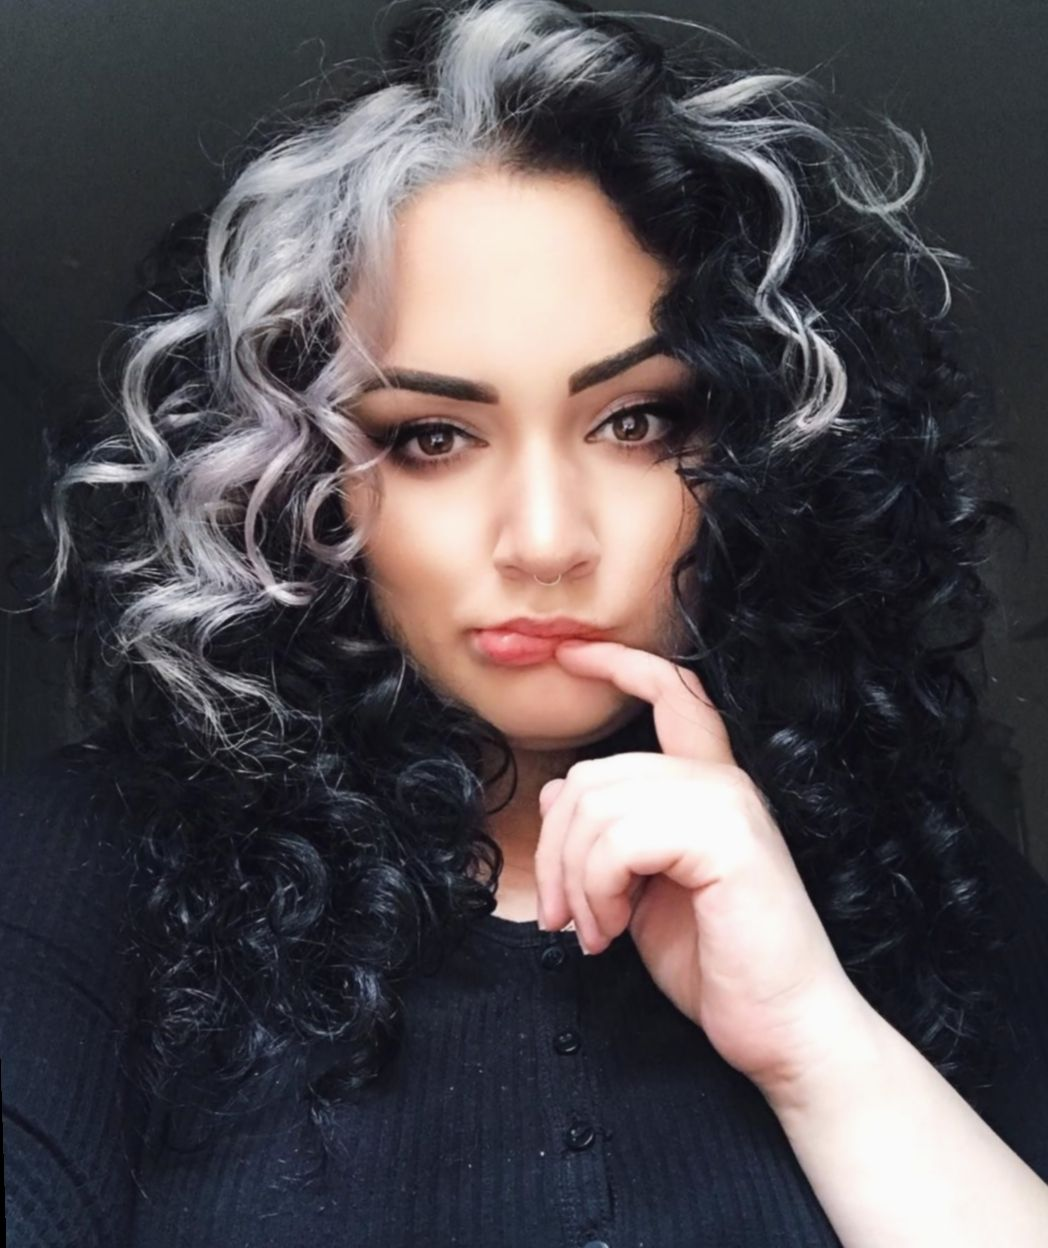 Hairstyles For Girls Videos Tomboy Haircut Waves Hairstyle White Streak In Hair Hair Streaks Hair Color Streaks